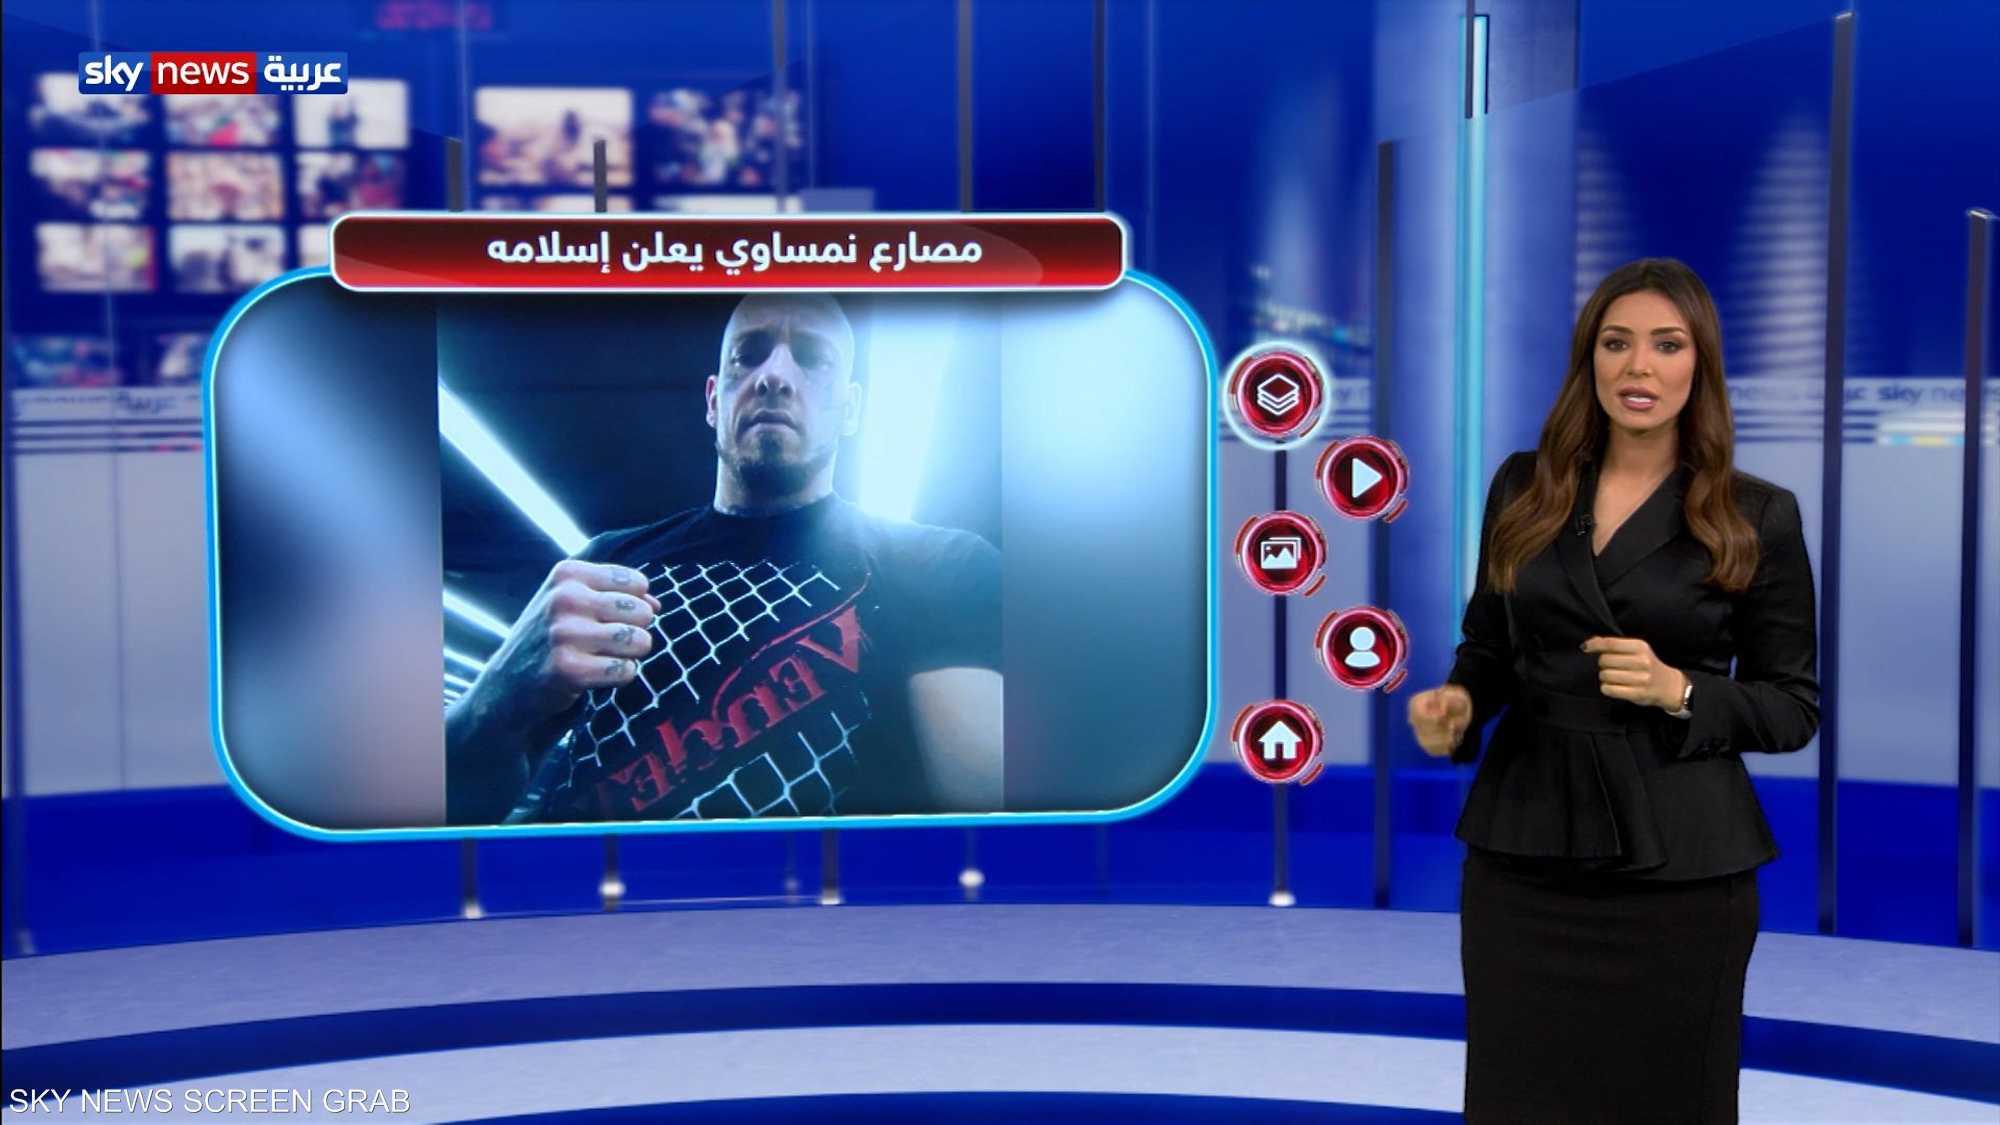 ما حكاية المصارع النمساوي الذي أعلن إسلامه بسبب كورونا؟